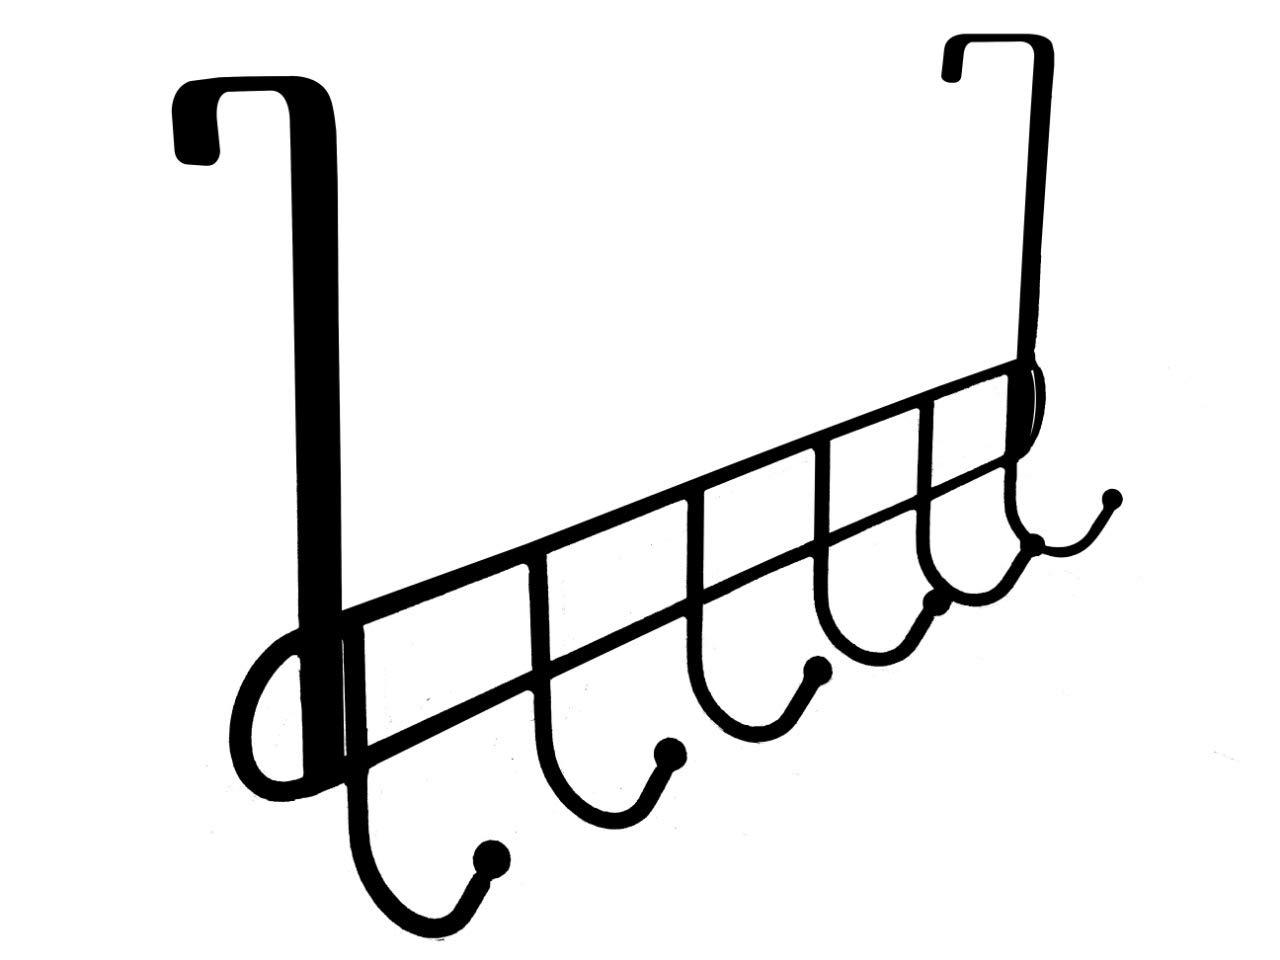 Gancho para Colgar sobre la Puerta de Alambre 6 Ganchos para Abrigos Colgador de escobas Organizador de Ropa Abbey para ba/ño sin Perforaciones detr/ás de la Puerta Almacenamiento de Armario